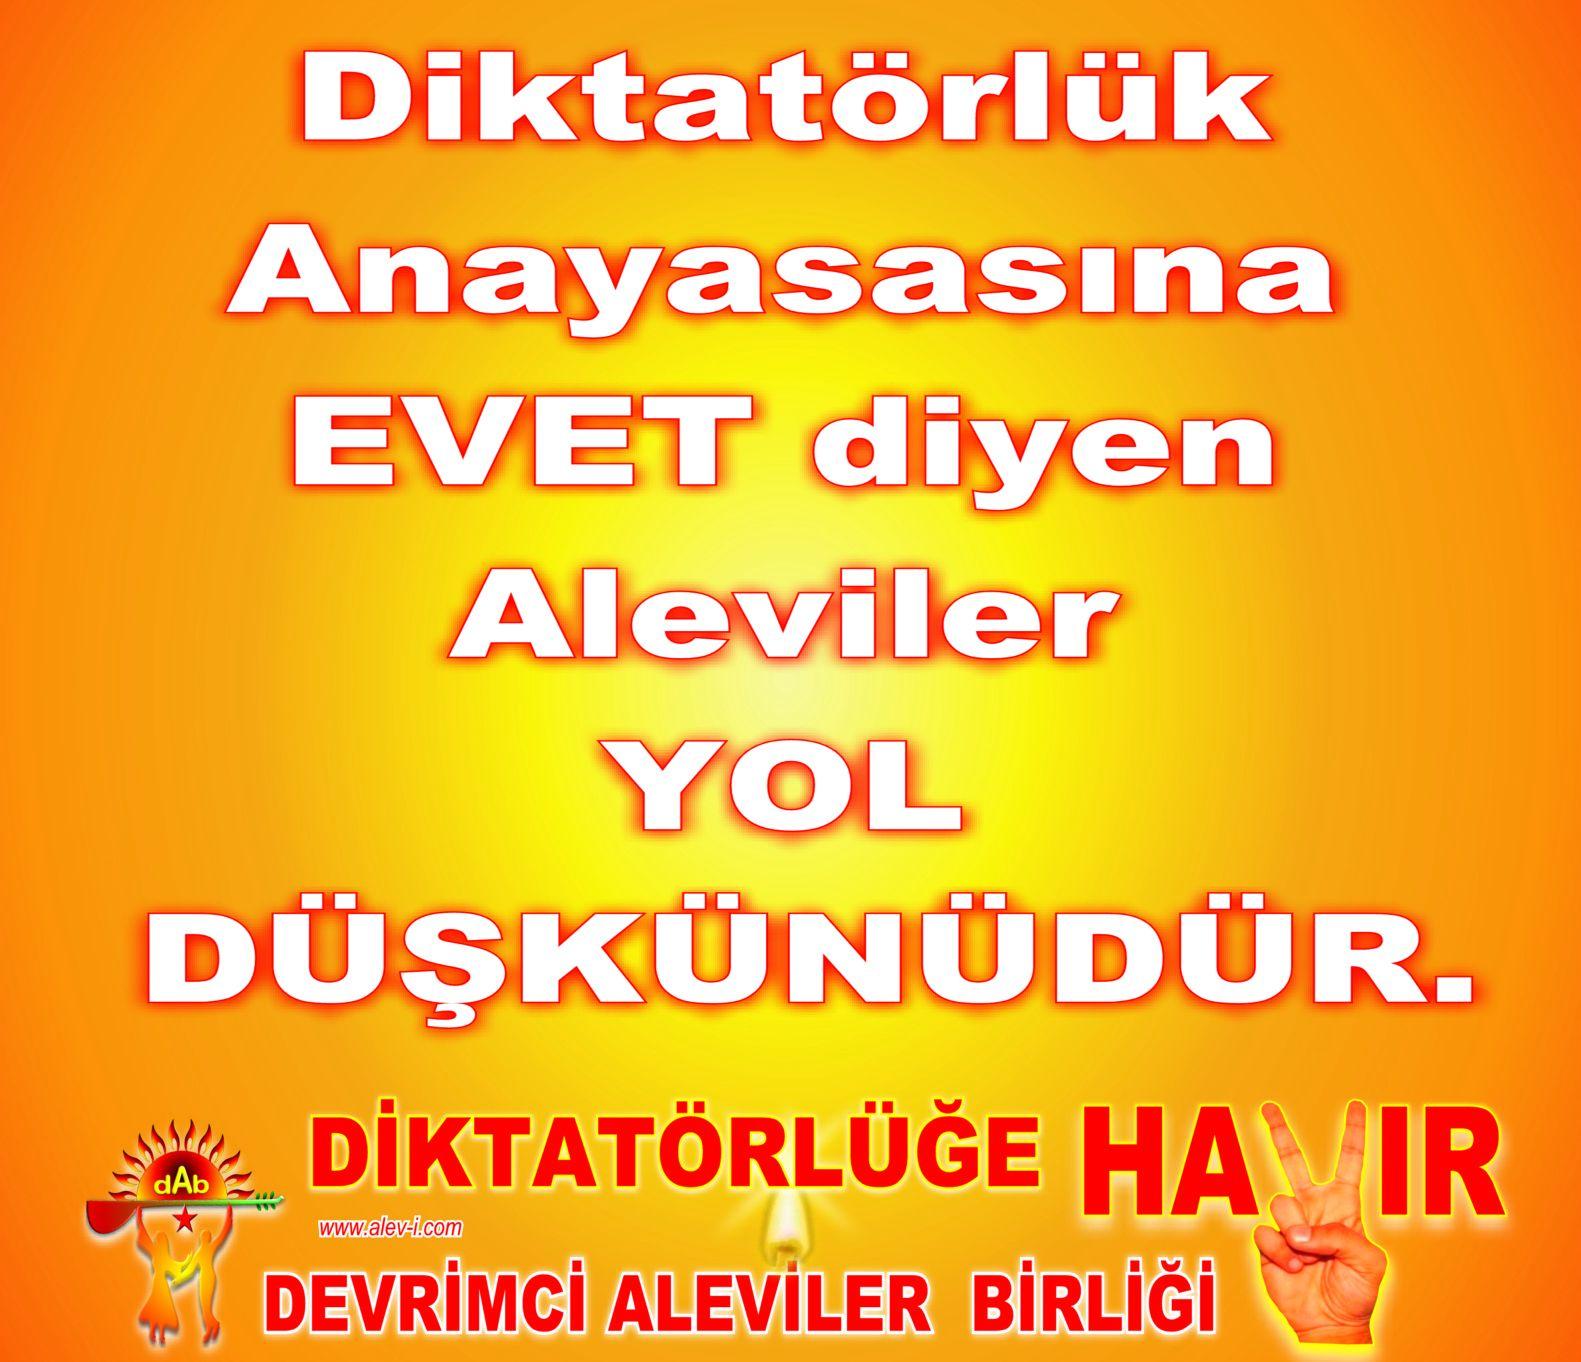 Devrimci Aleviler Birliği DAB Alevi Kızılbaş Bektaşi pir sultan cem hz Ali 12 imam semah Feramuz Şah Acar evet diyen alevi yol duskunudur